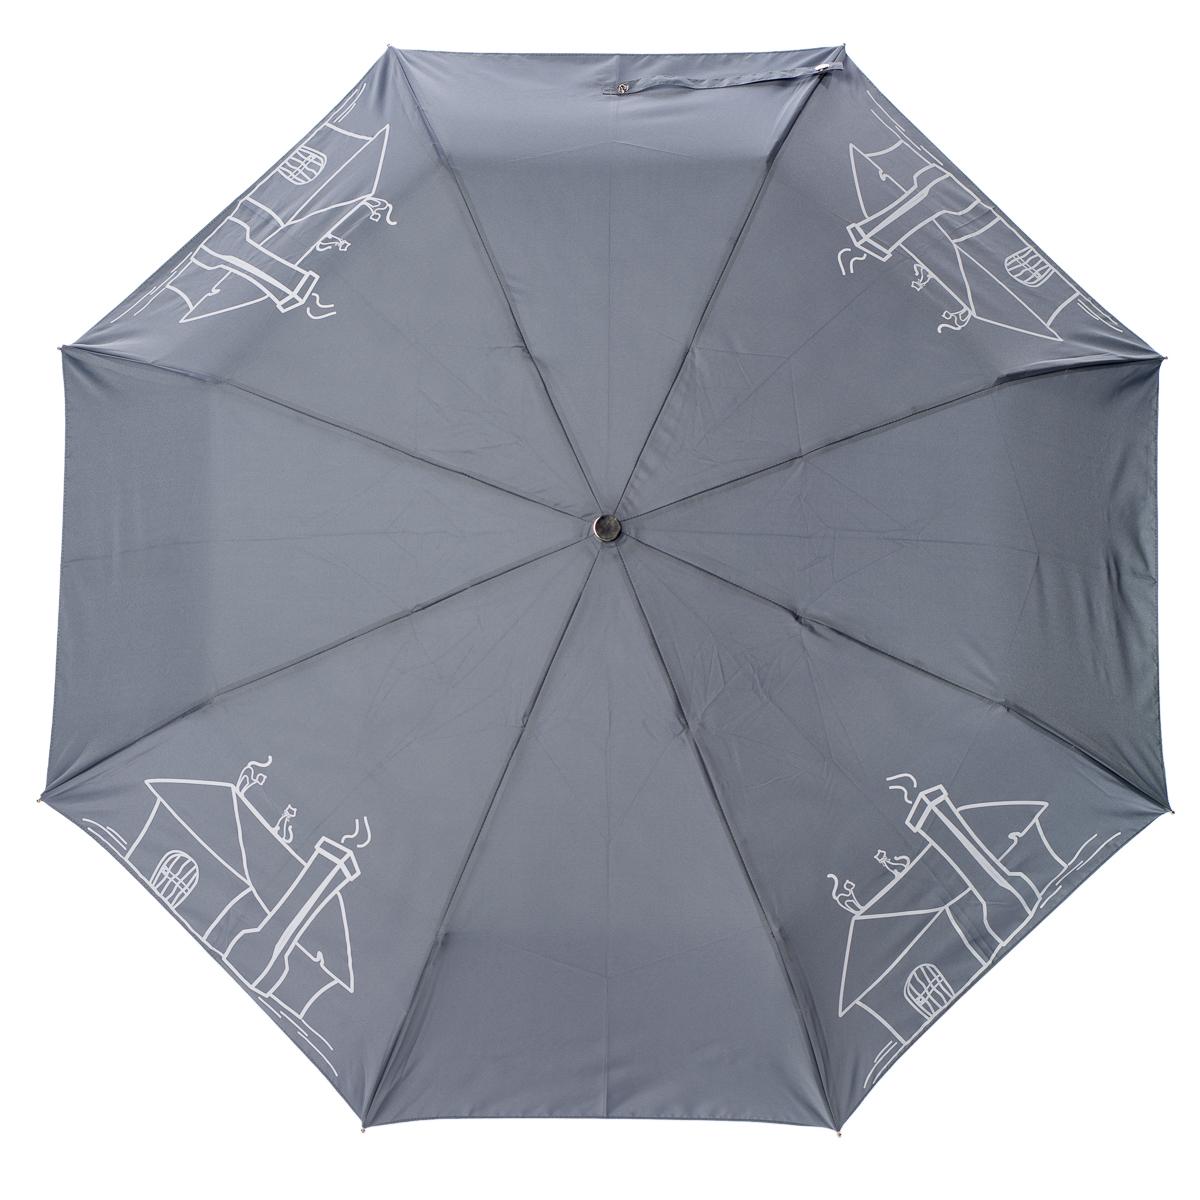 Зонт Stilla, цвет: серый. 789 miniCX1516-50-10Облегченный женский зонтик. Конструкция 3 сложения, полный автомат, облегченная конструкция (вес - 320 гр), система антиветер. Ткань - полиэстер. Диаметр купола - 112 см по верхней части, 101 см по нижней. Длина в сложенном состоянии - 27 см.